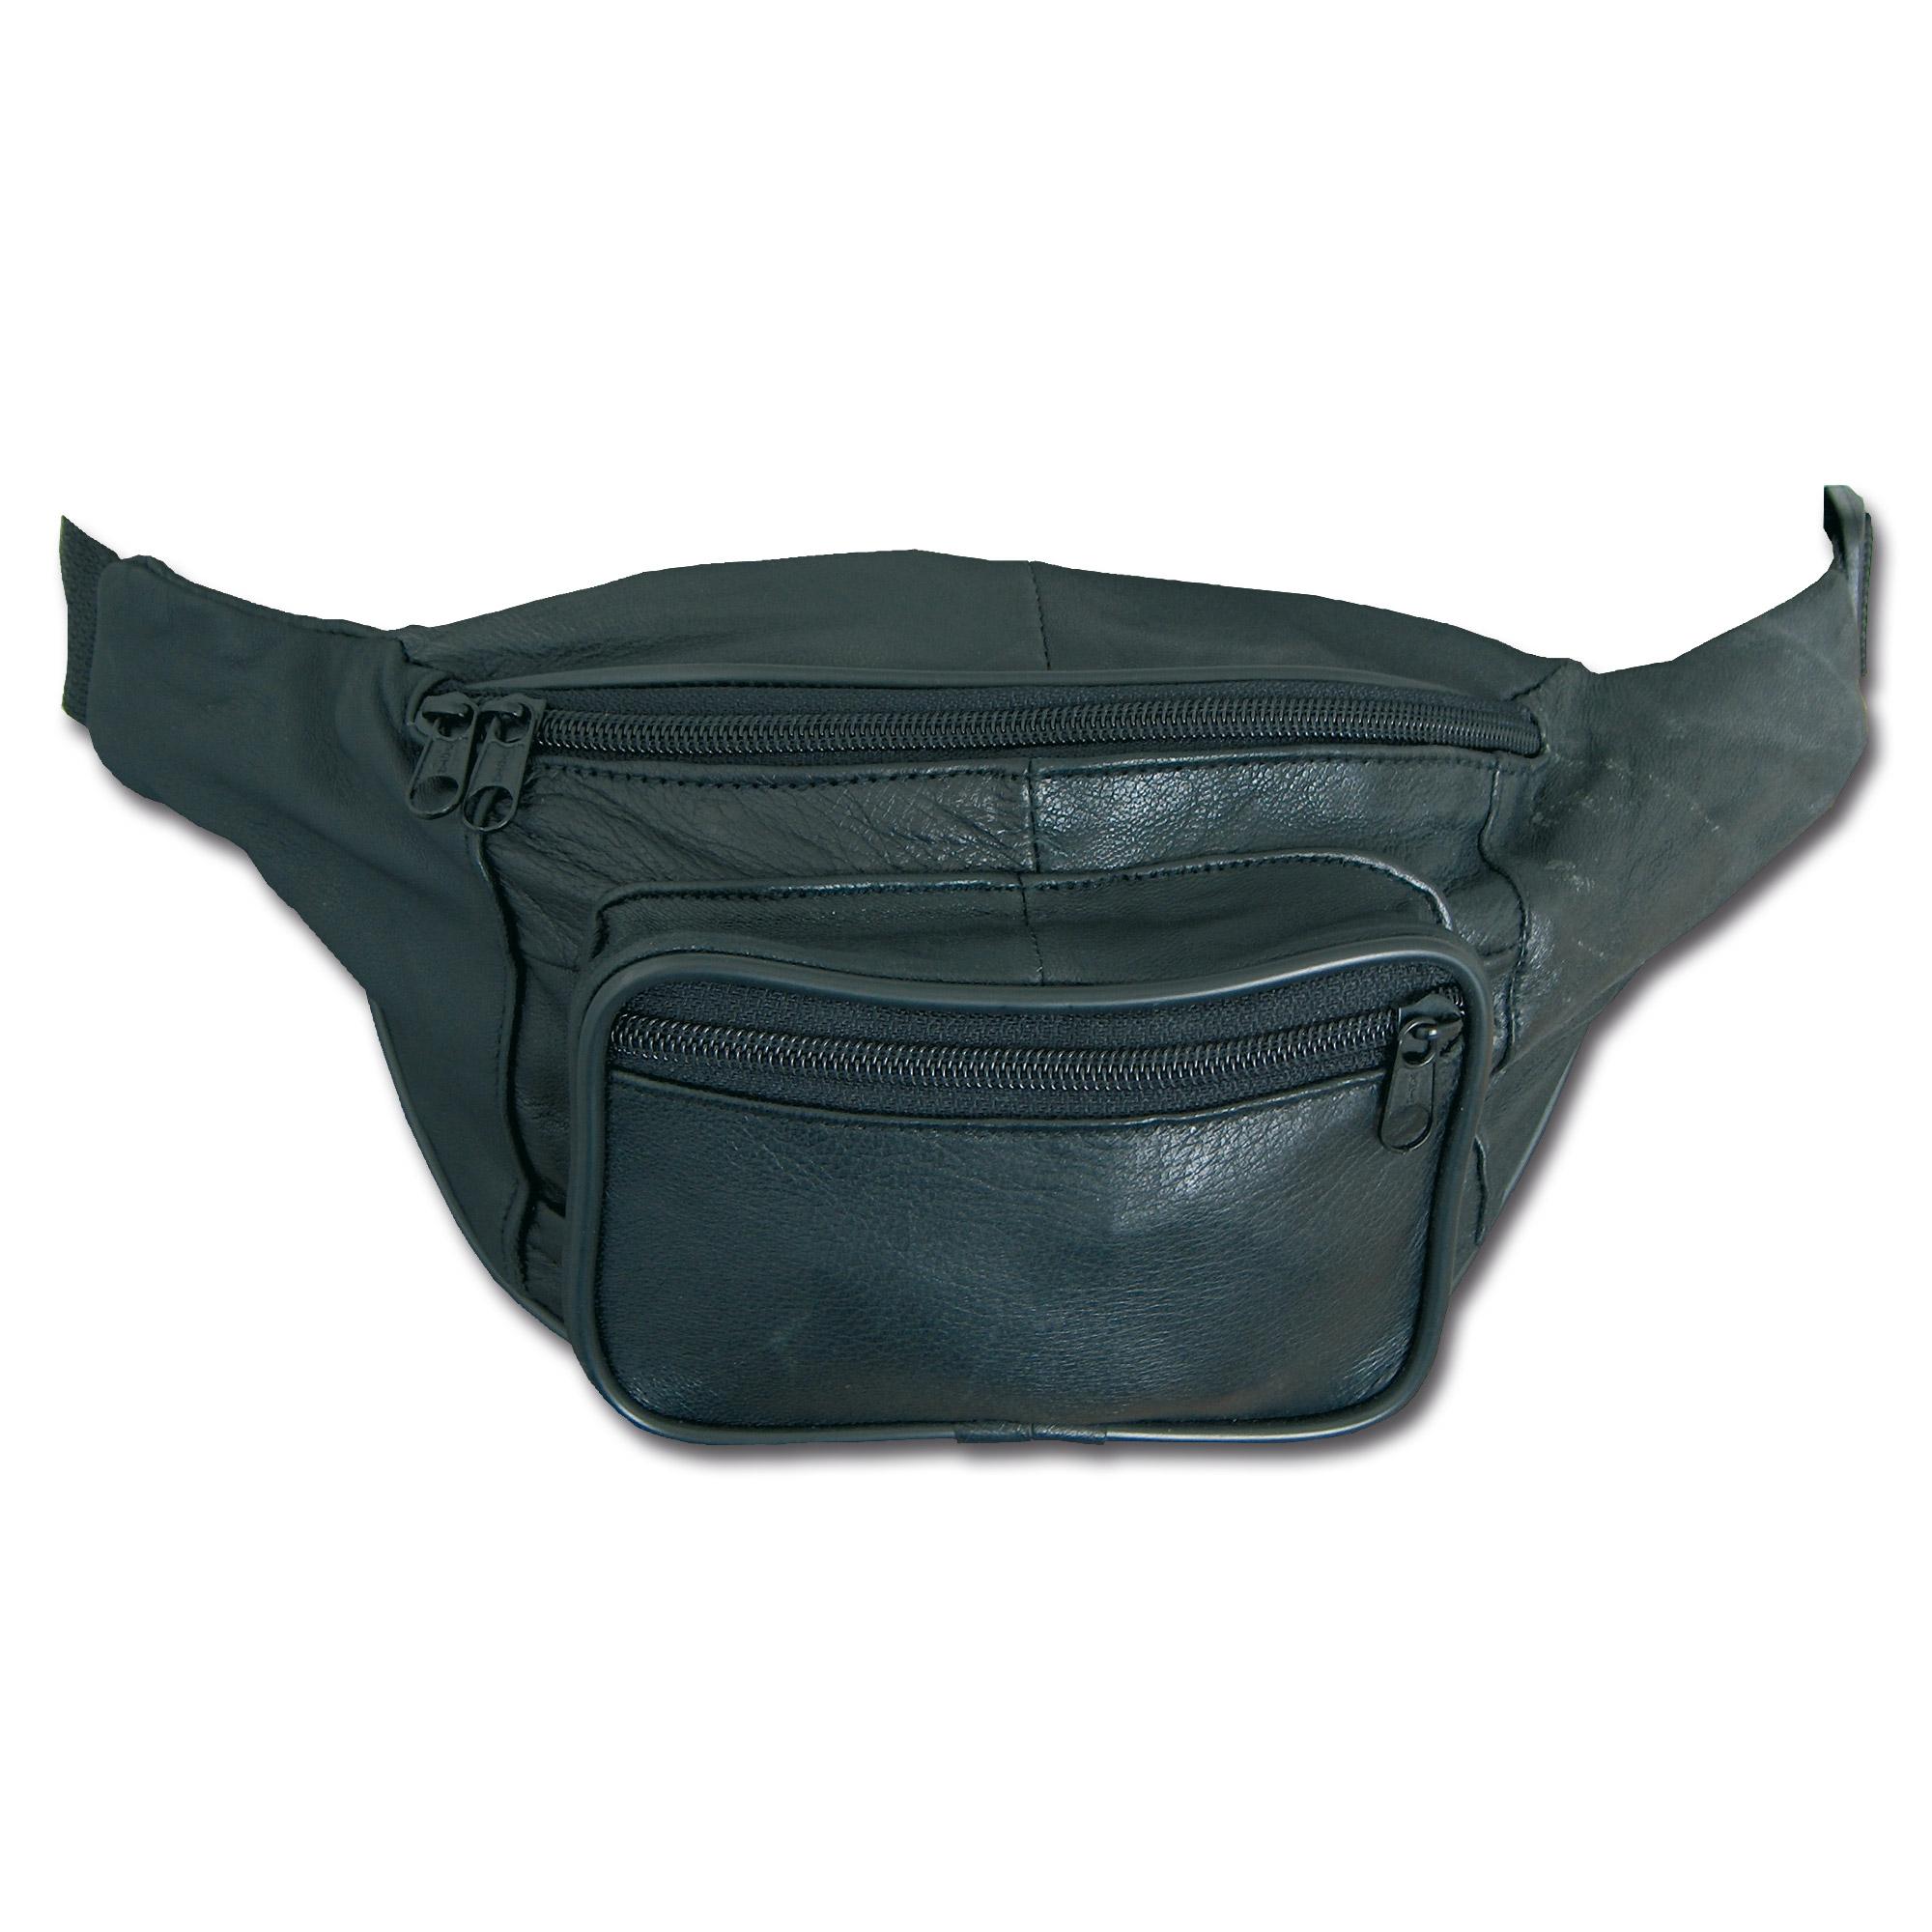 Hip-Bag Leder schwarz